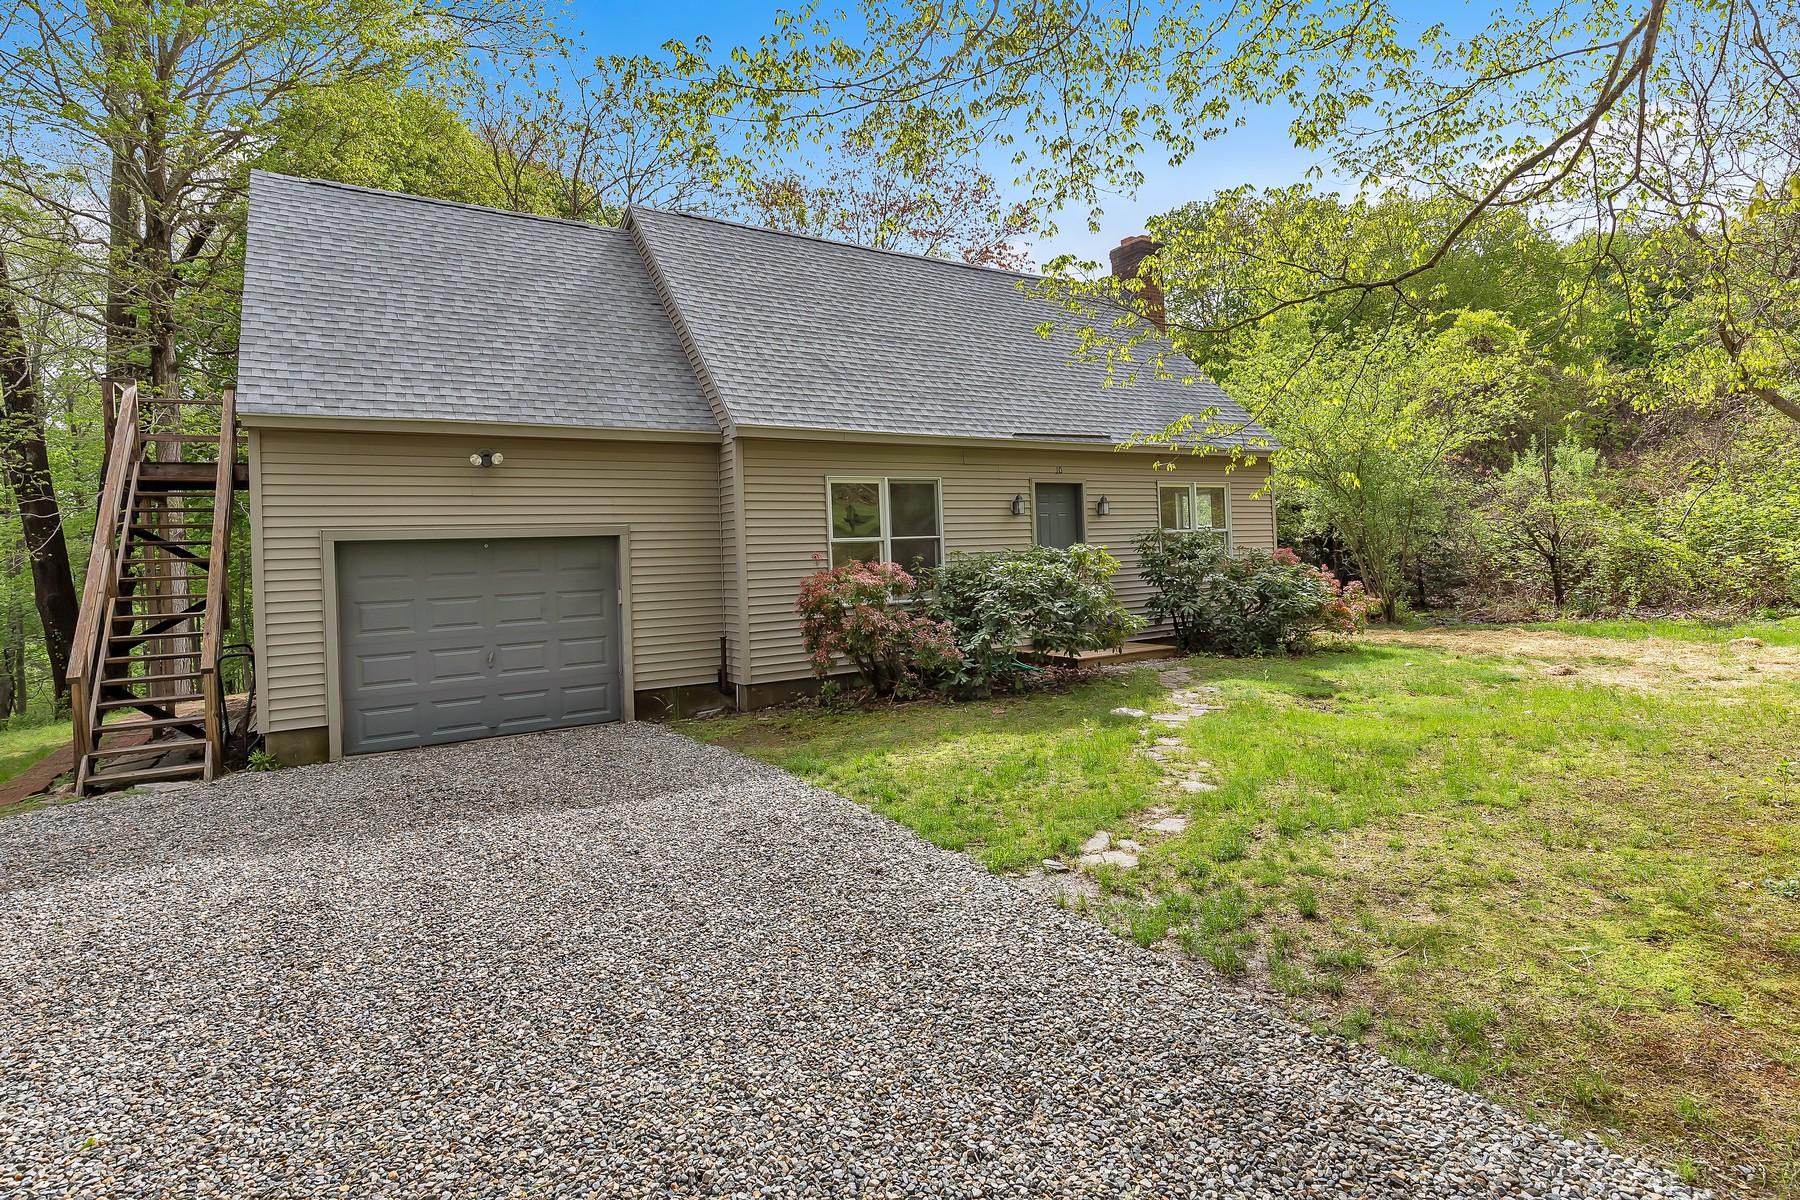 Einfamilienhaus für Verkauf beim Village Location, Light-Filled Cape 10 Brooks Lane, Chester, Connecticut 06412 Vereinigte Staaten